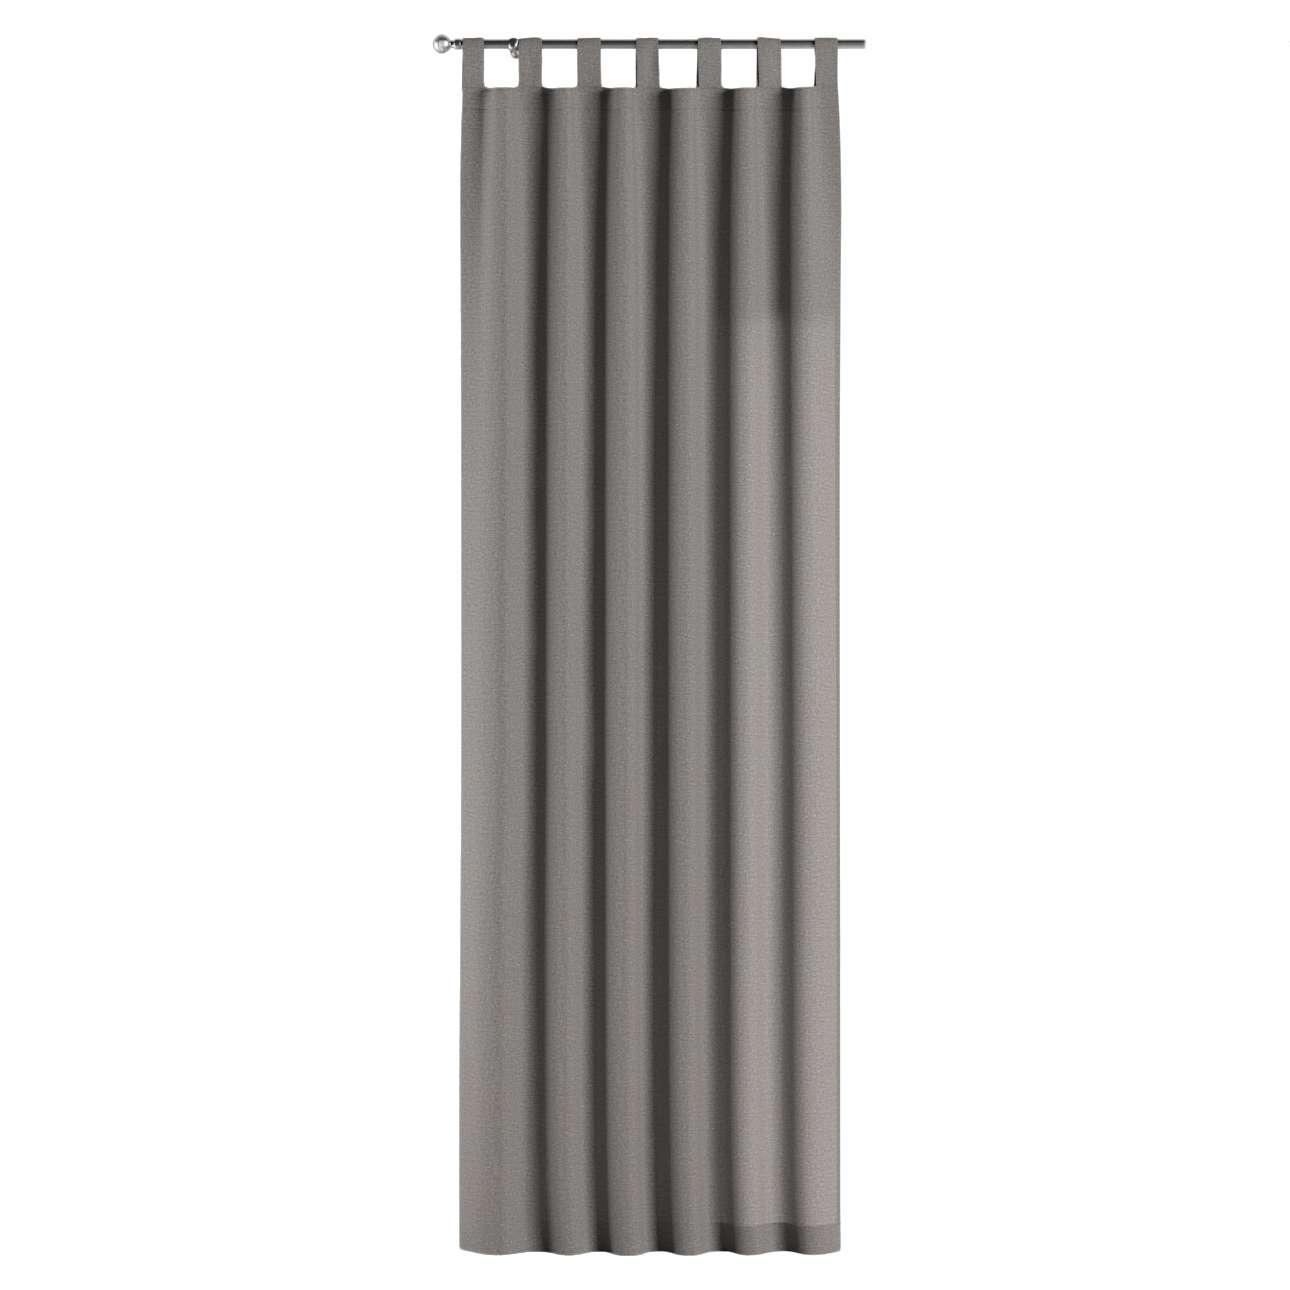 Kilpinio klostavimo užuolaidos 130 x 260 cm (plotis x ilgis) kolekcijoje Edinburgh , audinys: 115-81